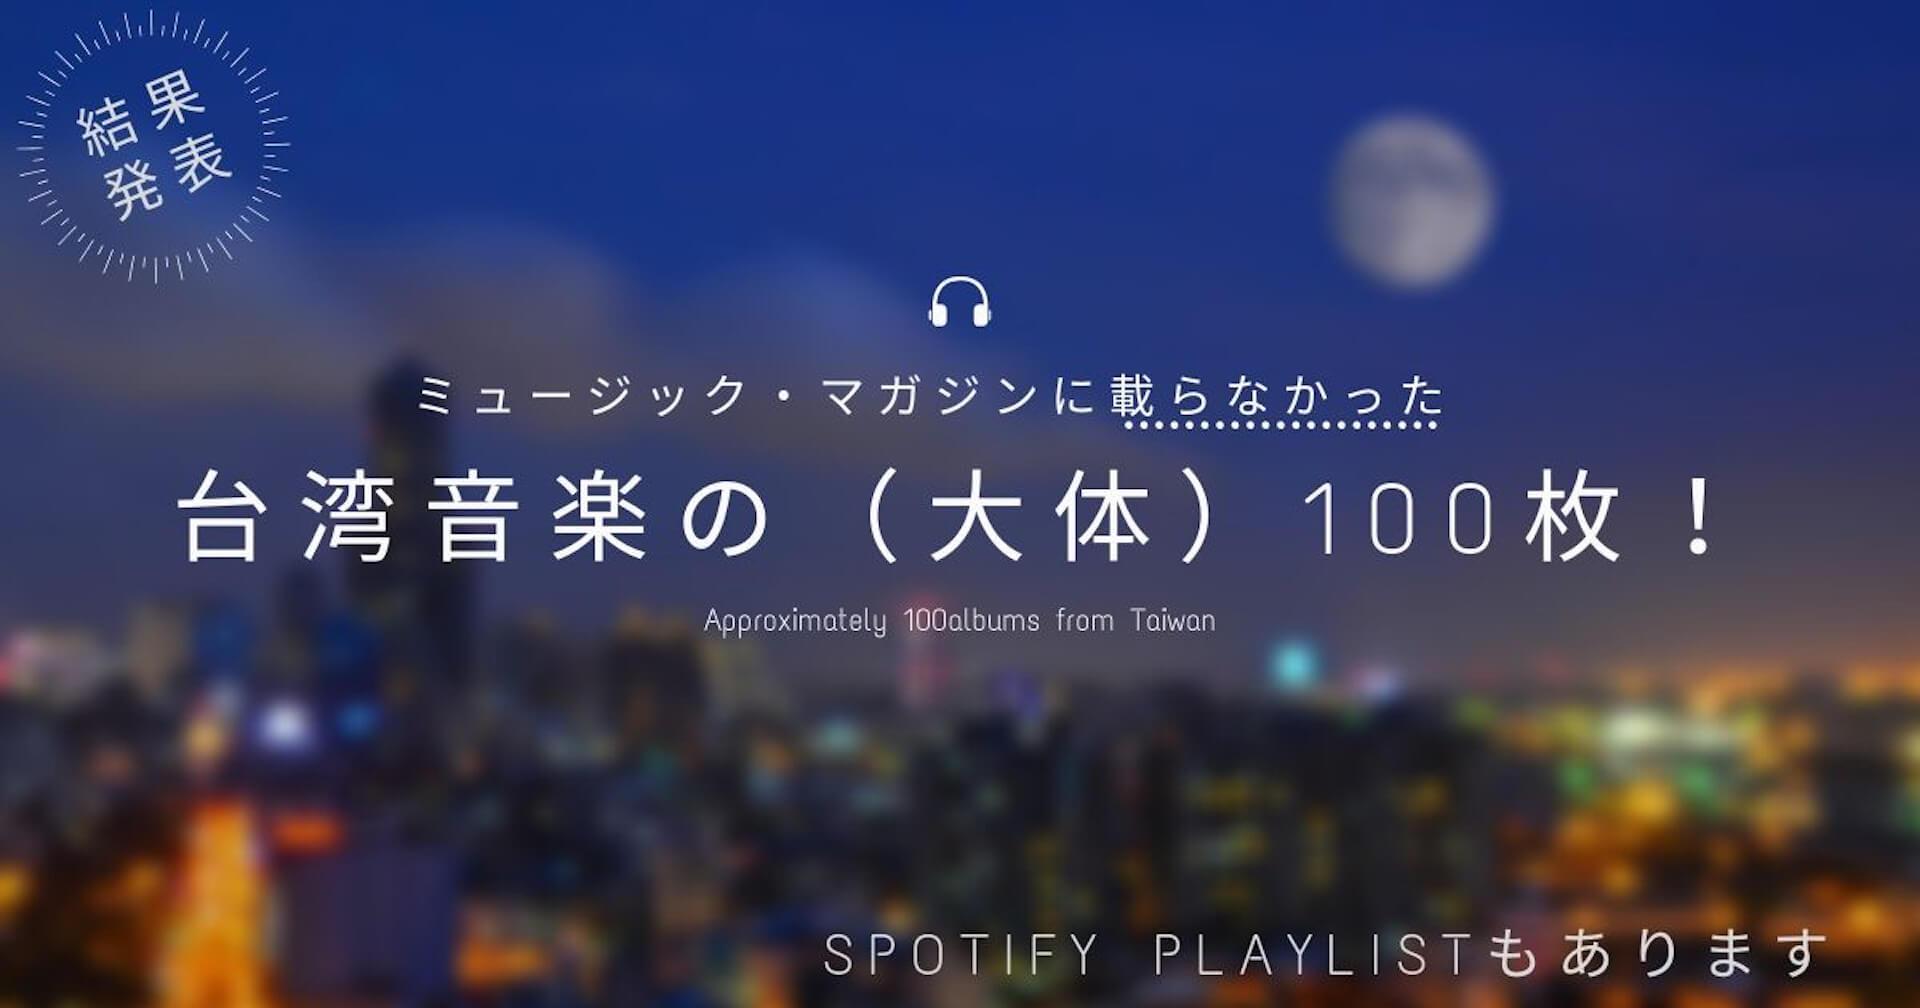 台湾ラバー必見!家にいながら台湾を楽しめる『台湾音楽100枚』&『台南・高雄Google map』公開 ArtCulture020512_taiwan2